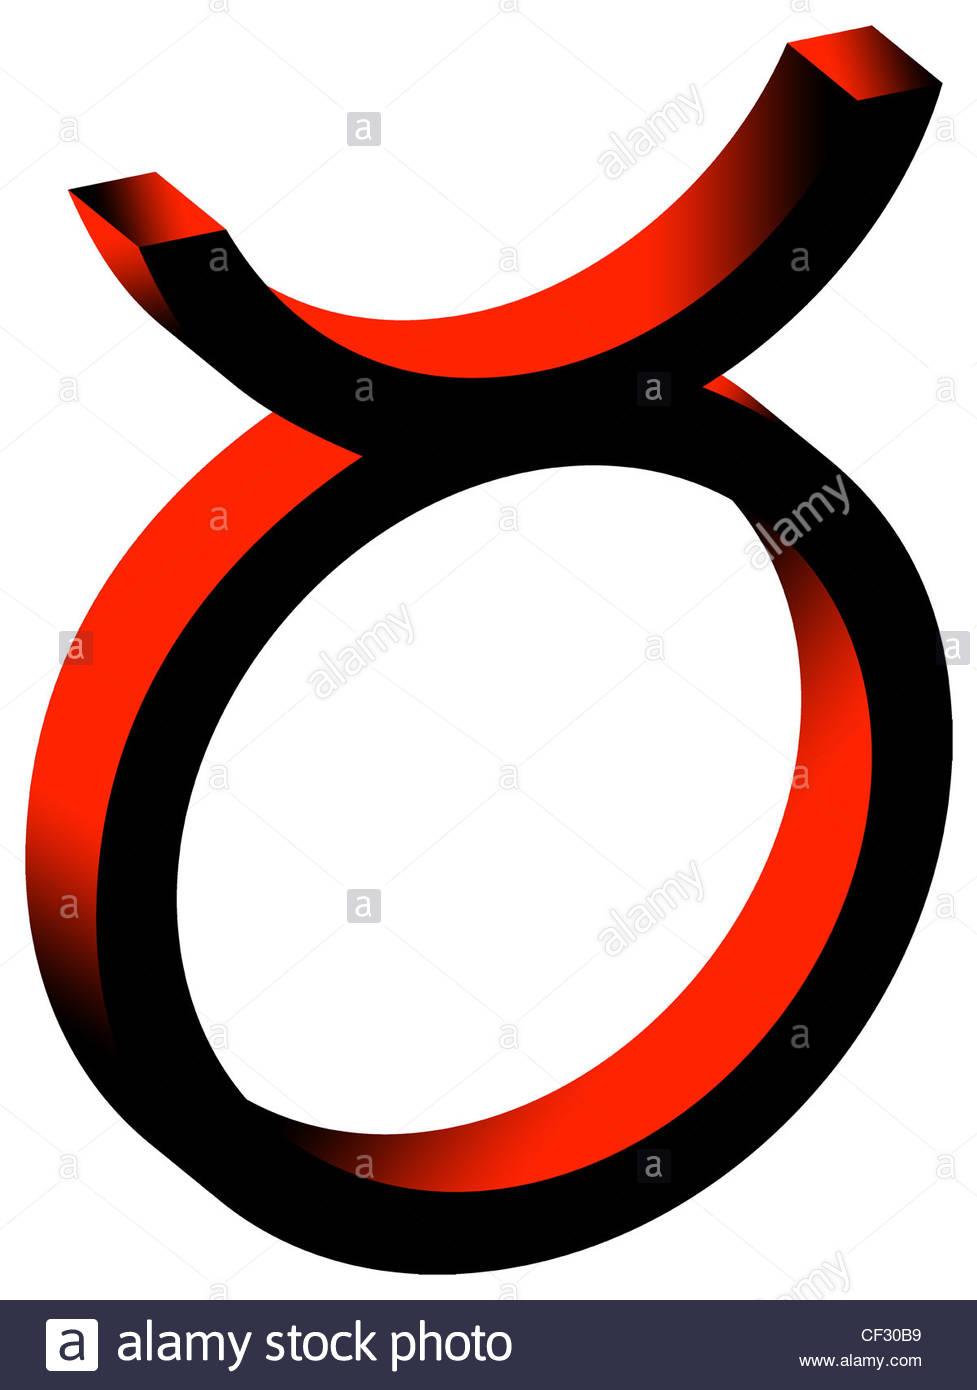 977x1390 Symbol Taurus Stock Photos Amp Symbol Taurus Stock Images